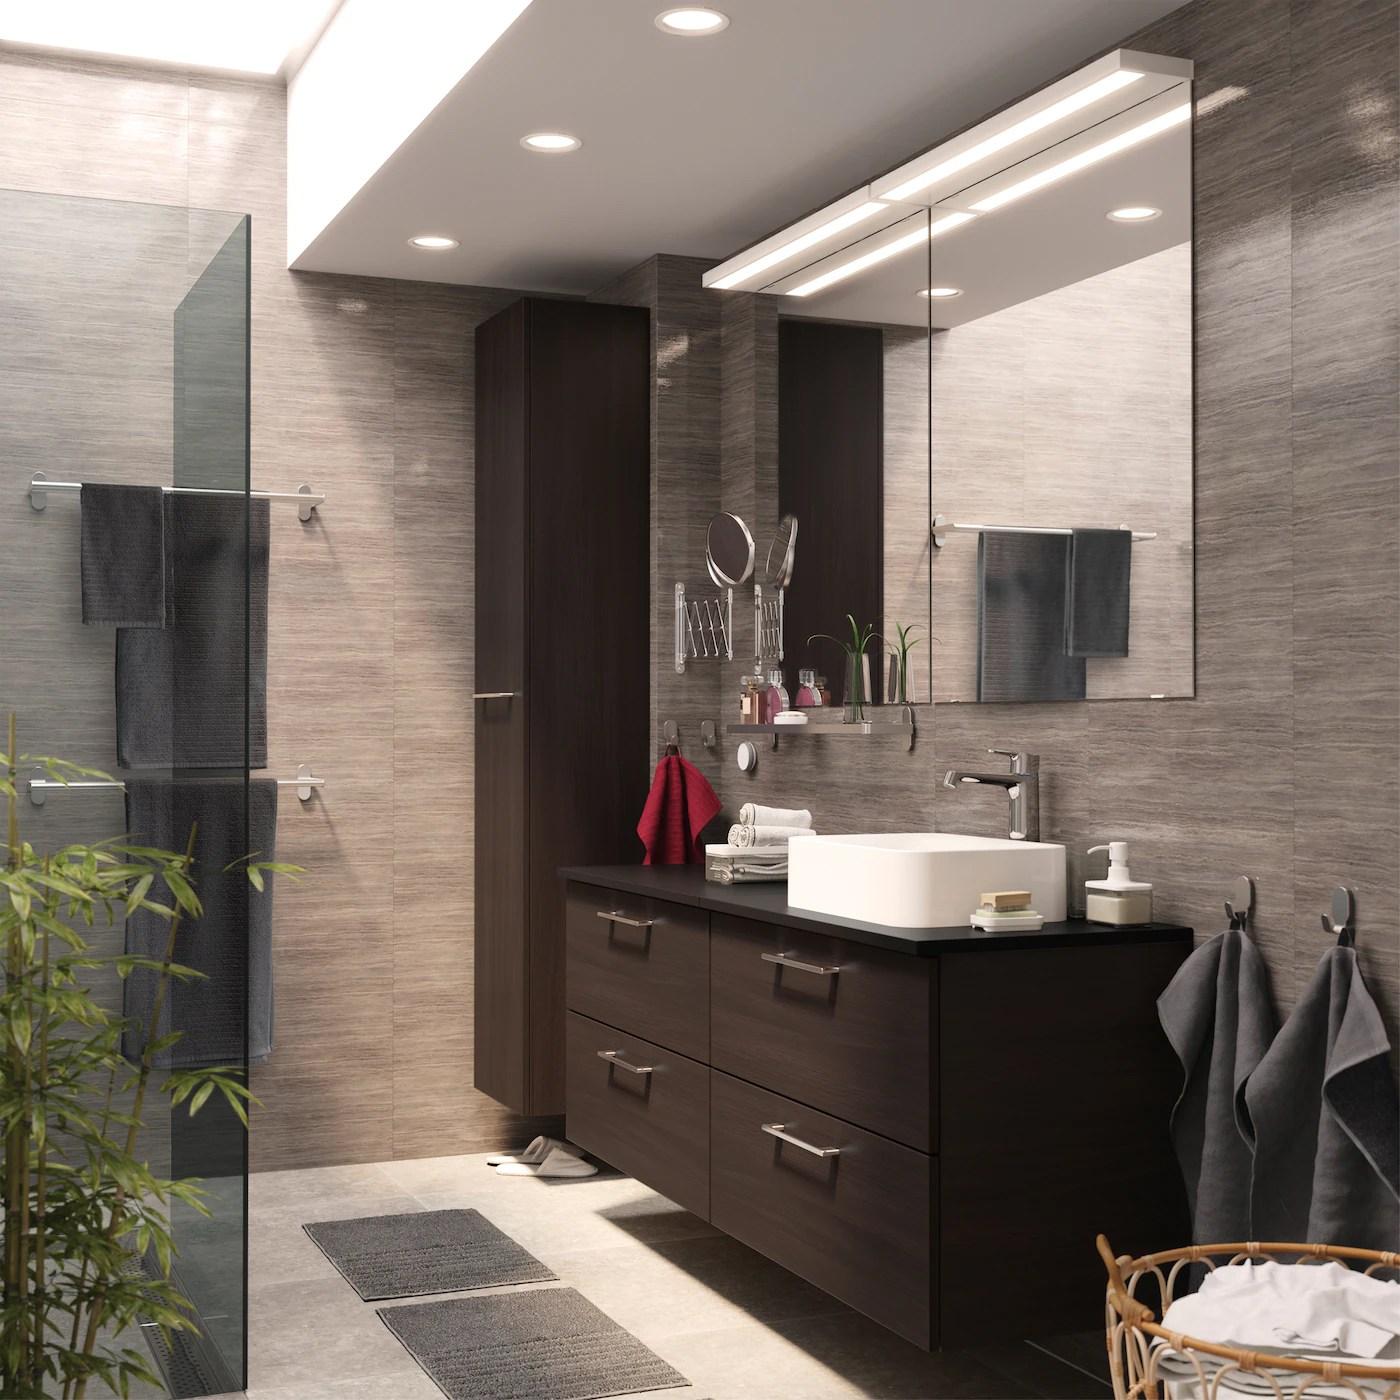 les secrets d une salle de bain bien